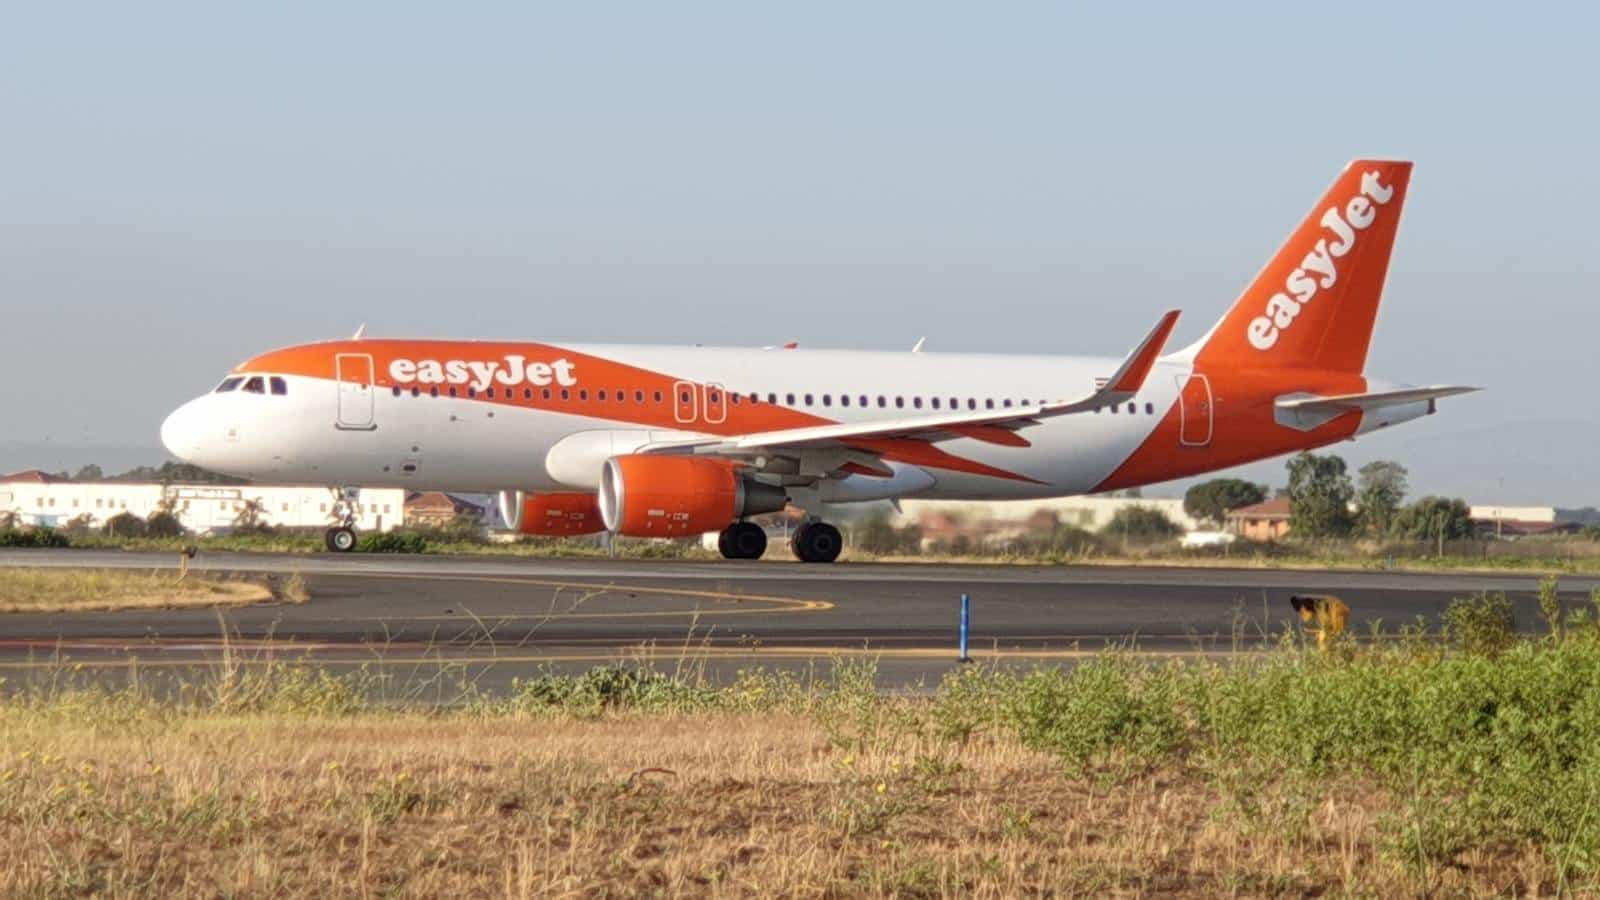 Catania, all'aeroporto arriva la nuova tratta verso Milano: previsti due voli al giorno con EasyJet